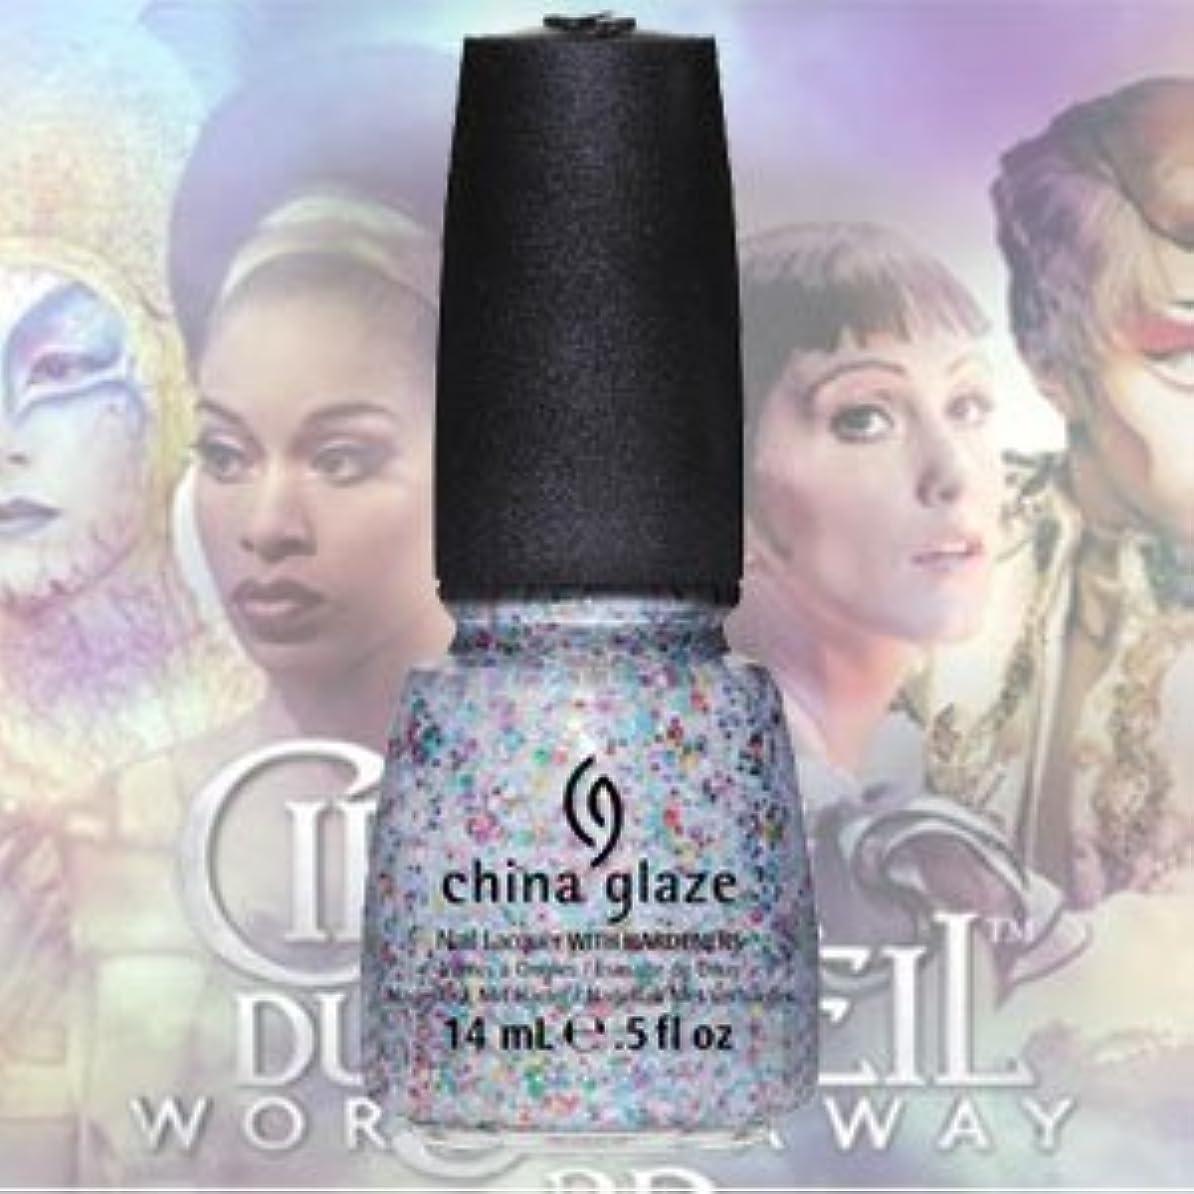 偏見強化たぶん(チャイナグレイズ)China Glaze It's A Trap-EzeーCirque Du Soleil コレクション [海外直送品][並行輸入品]